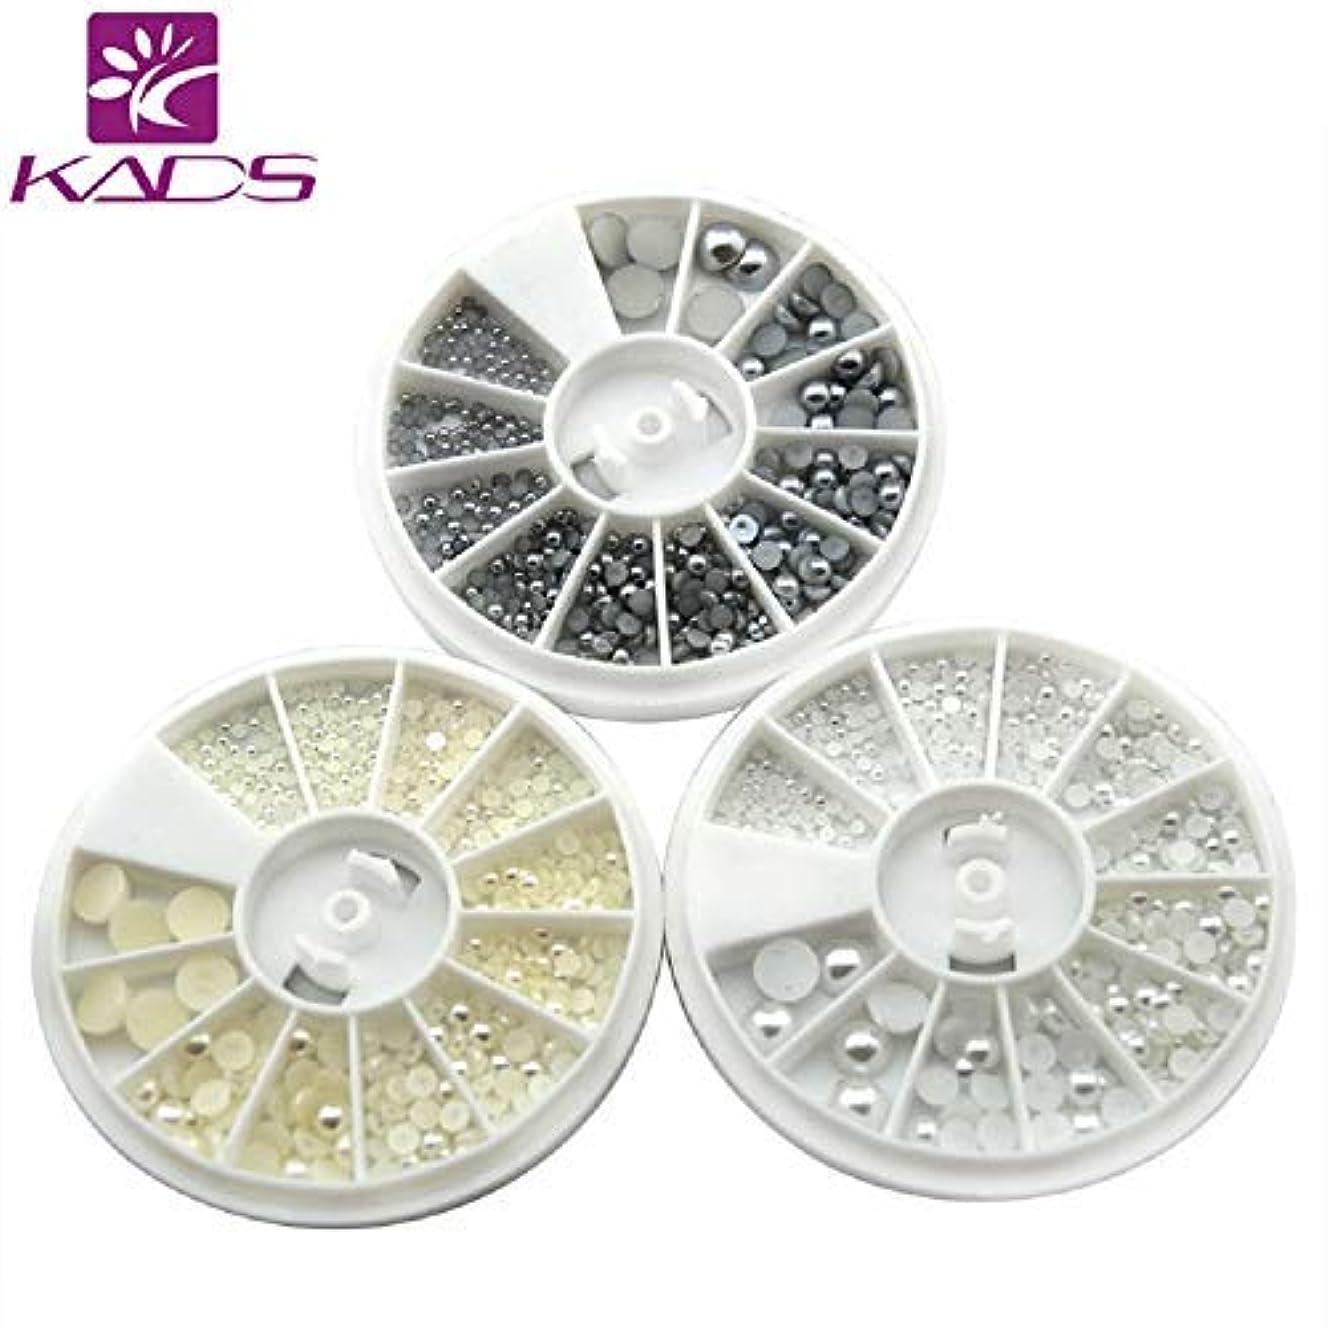 承認する漂流ヒープKADS 半円パール ホワイト/ベージュ/グレー 1.5mm/2mm/2.5mm/3mm/4mm/6mm ネイルデコパール マニキュアデコ用パール